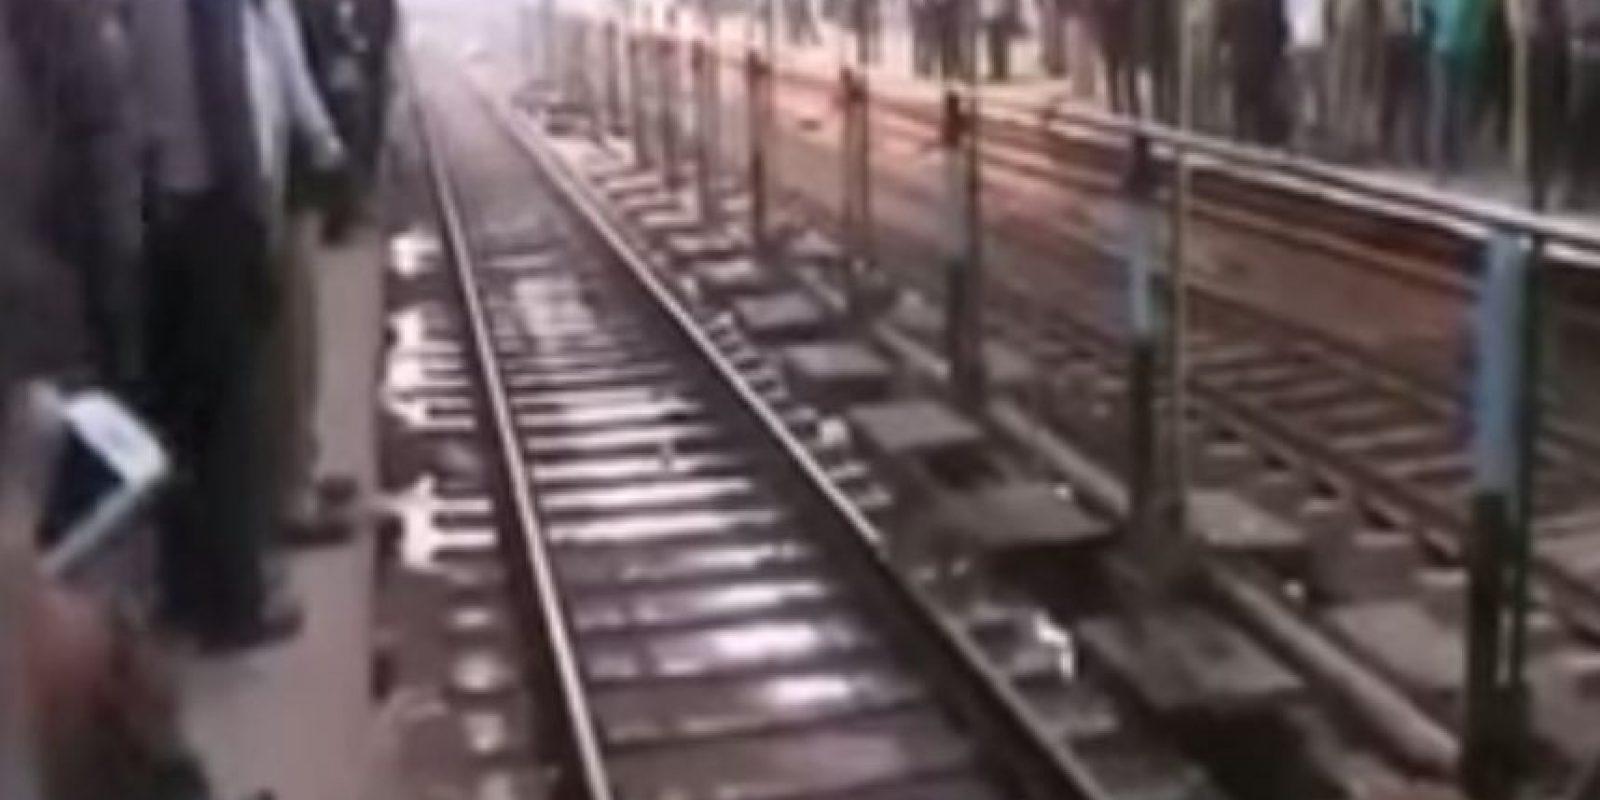 Los usuarios del tren quedaron sorprendidos Foto:YouTube Ashish Shakya